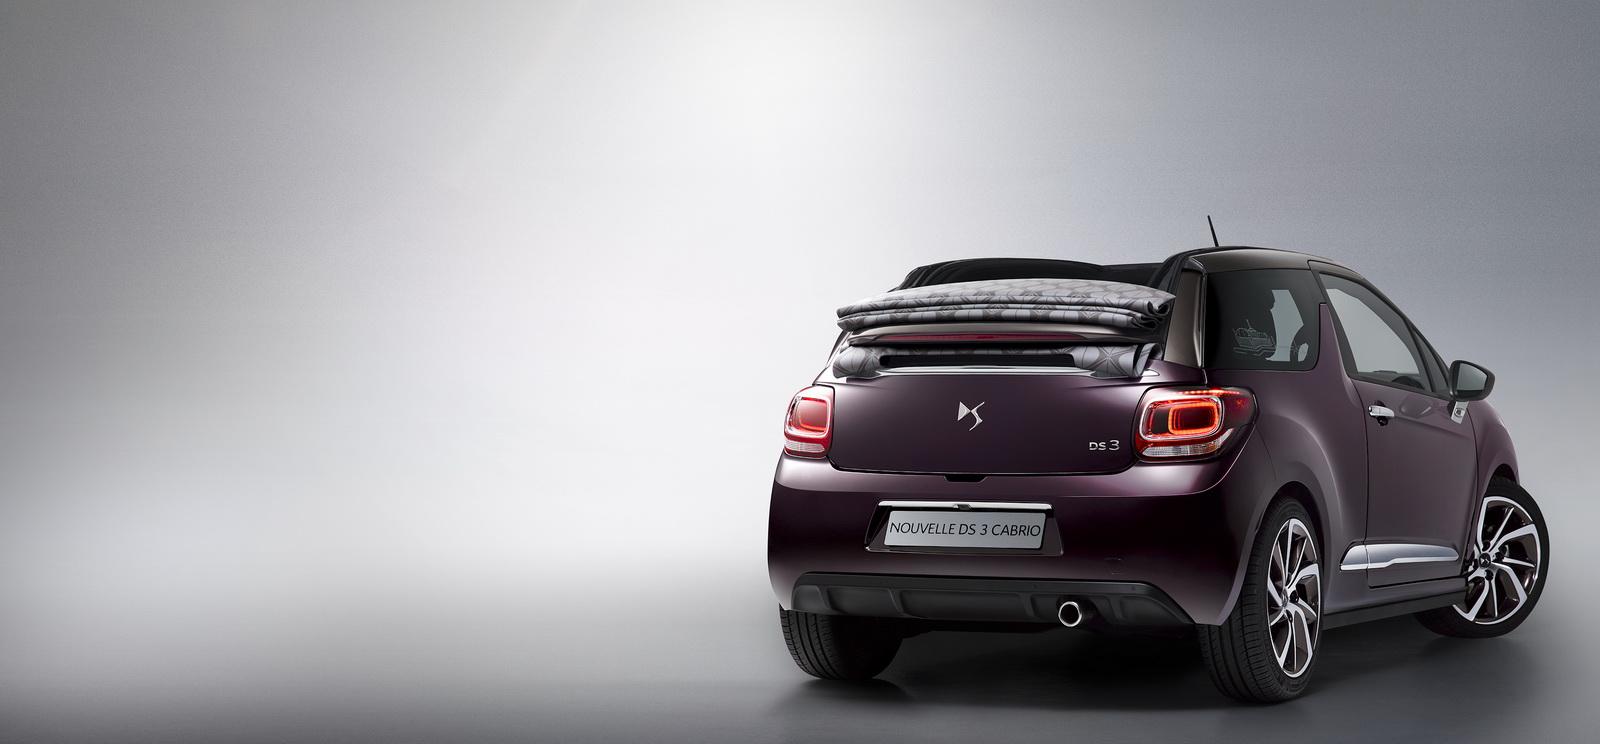 DS Automobiles - 2016 - Nouvelle DS 3 Cabrio